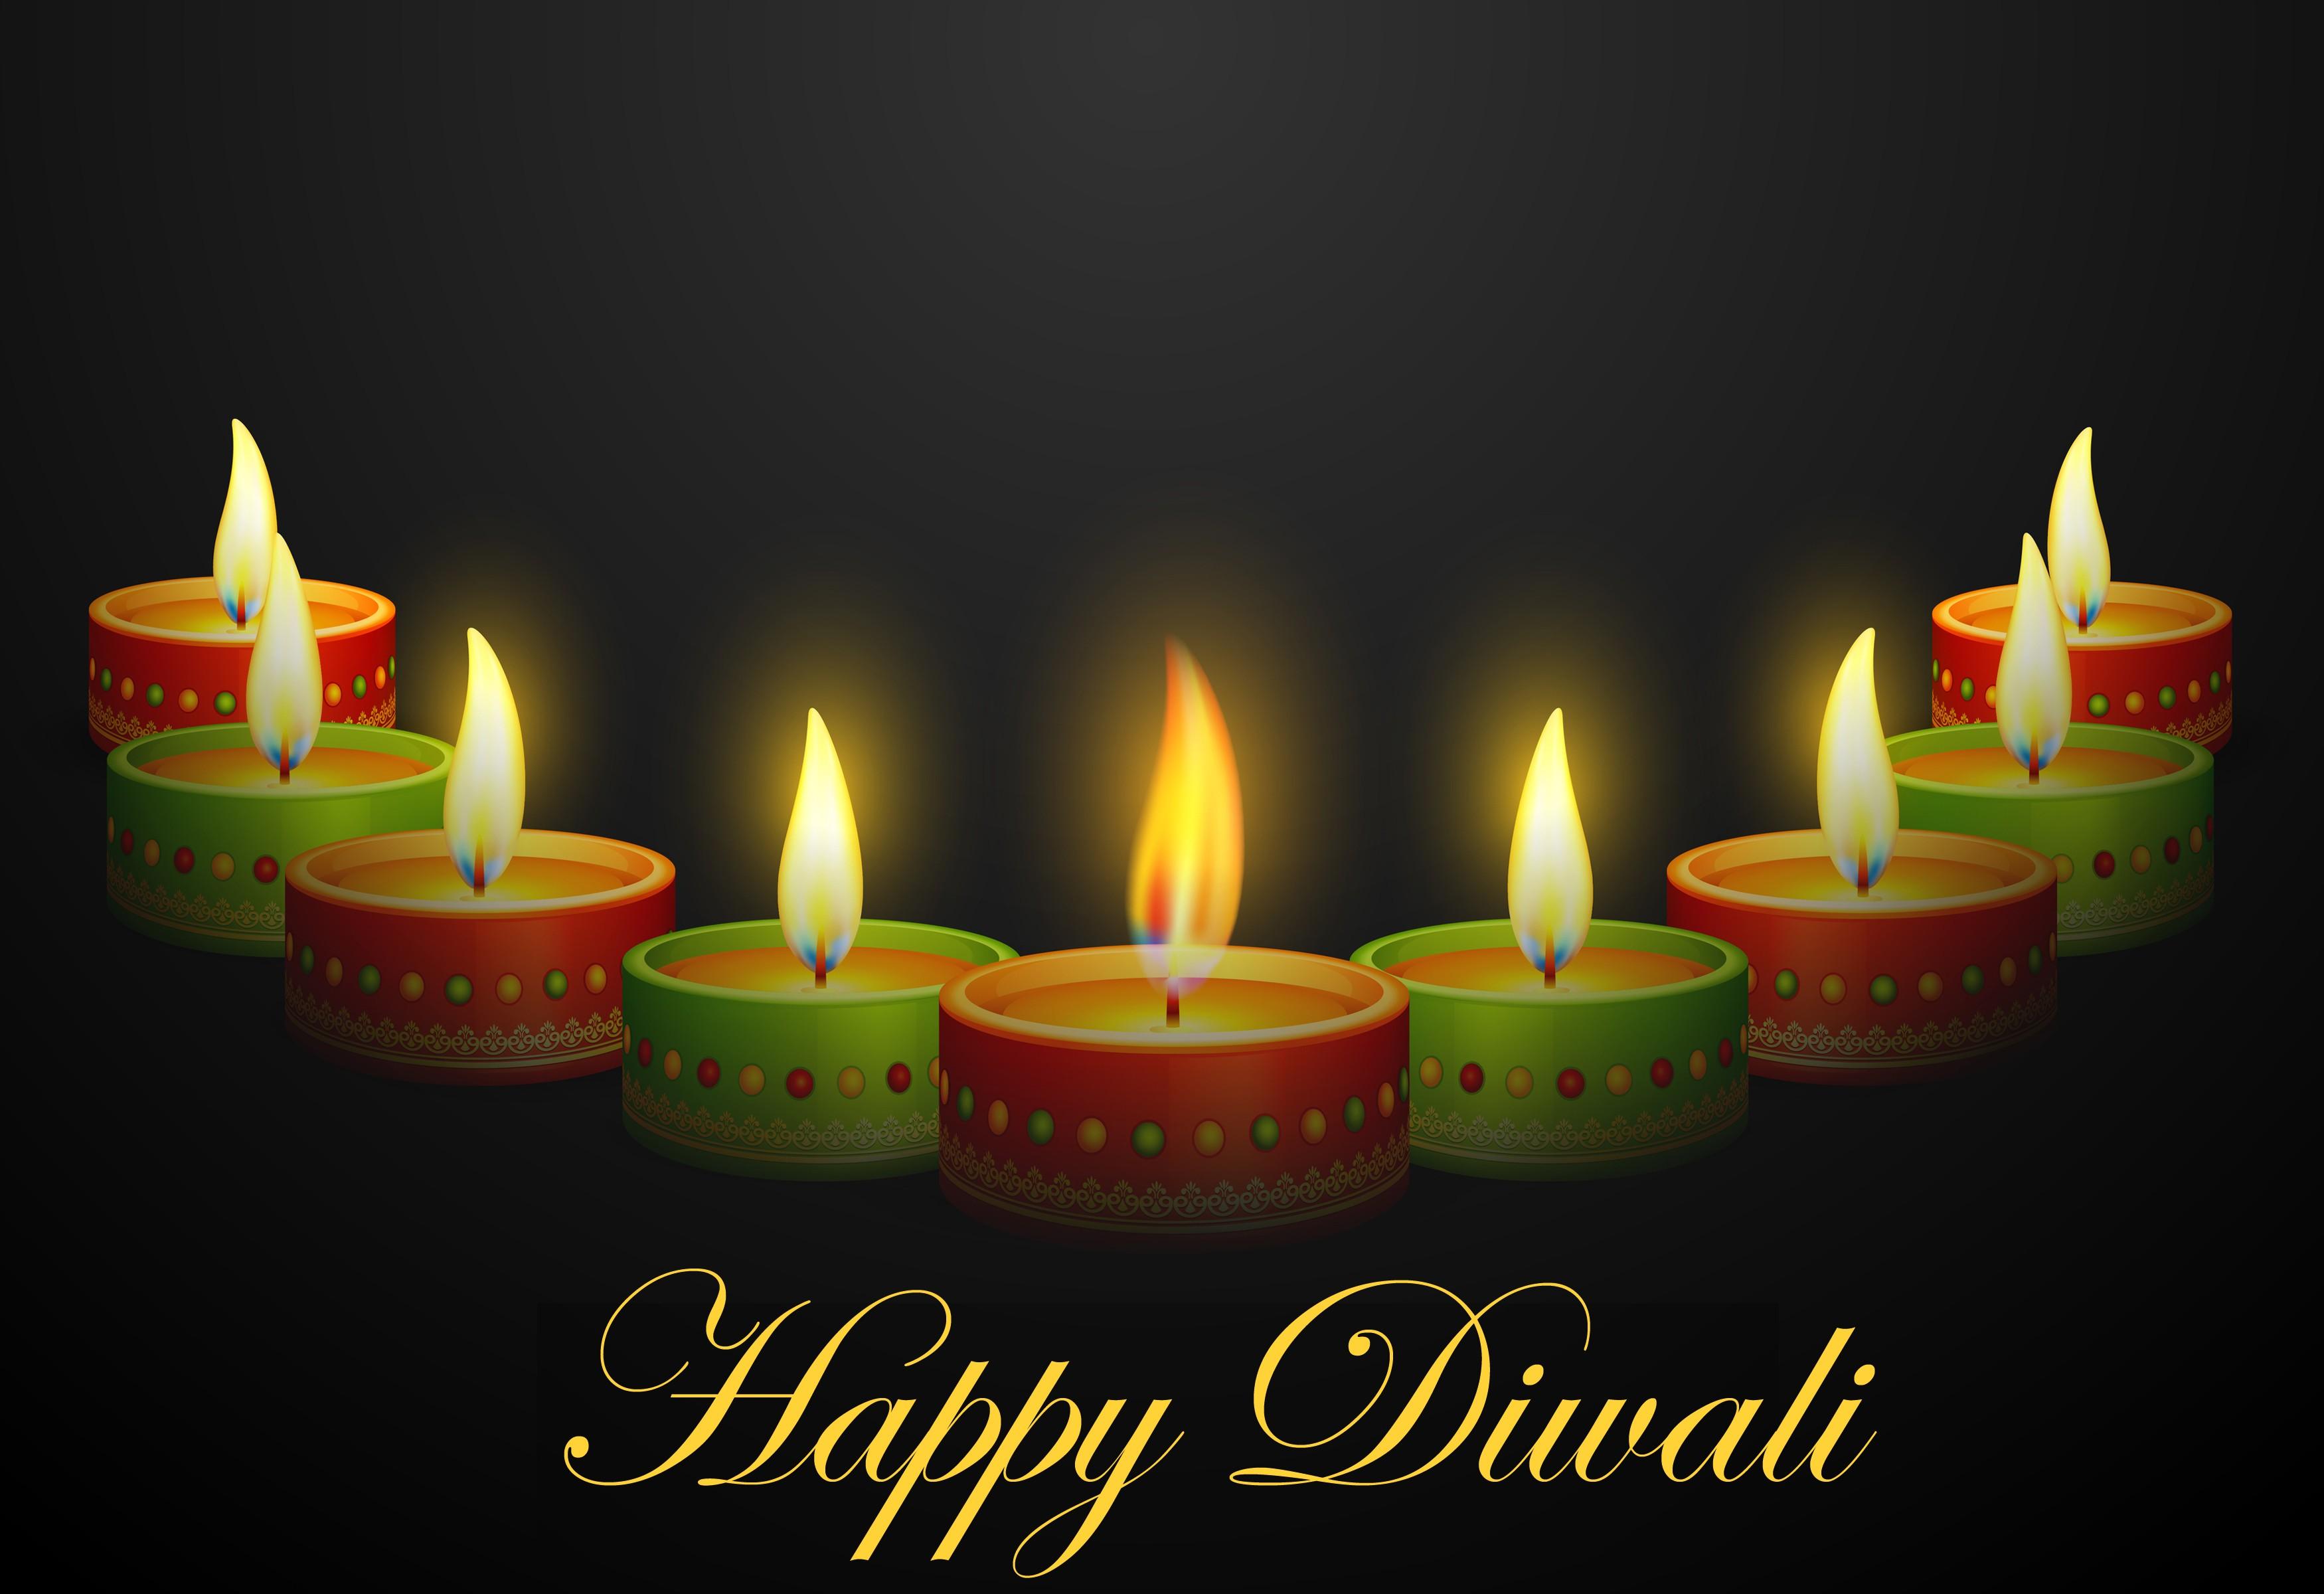 Diwali celebration images hindi shayari whatsapp status in hindi diwali celebration images m4hsunfo